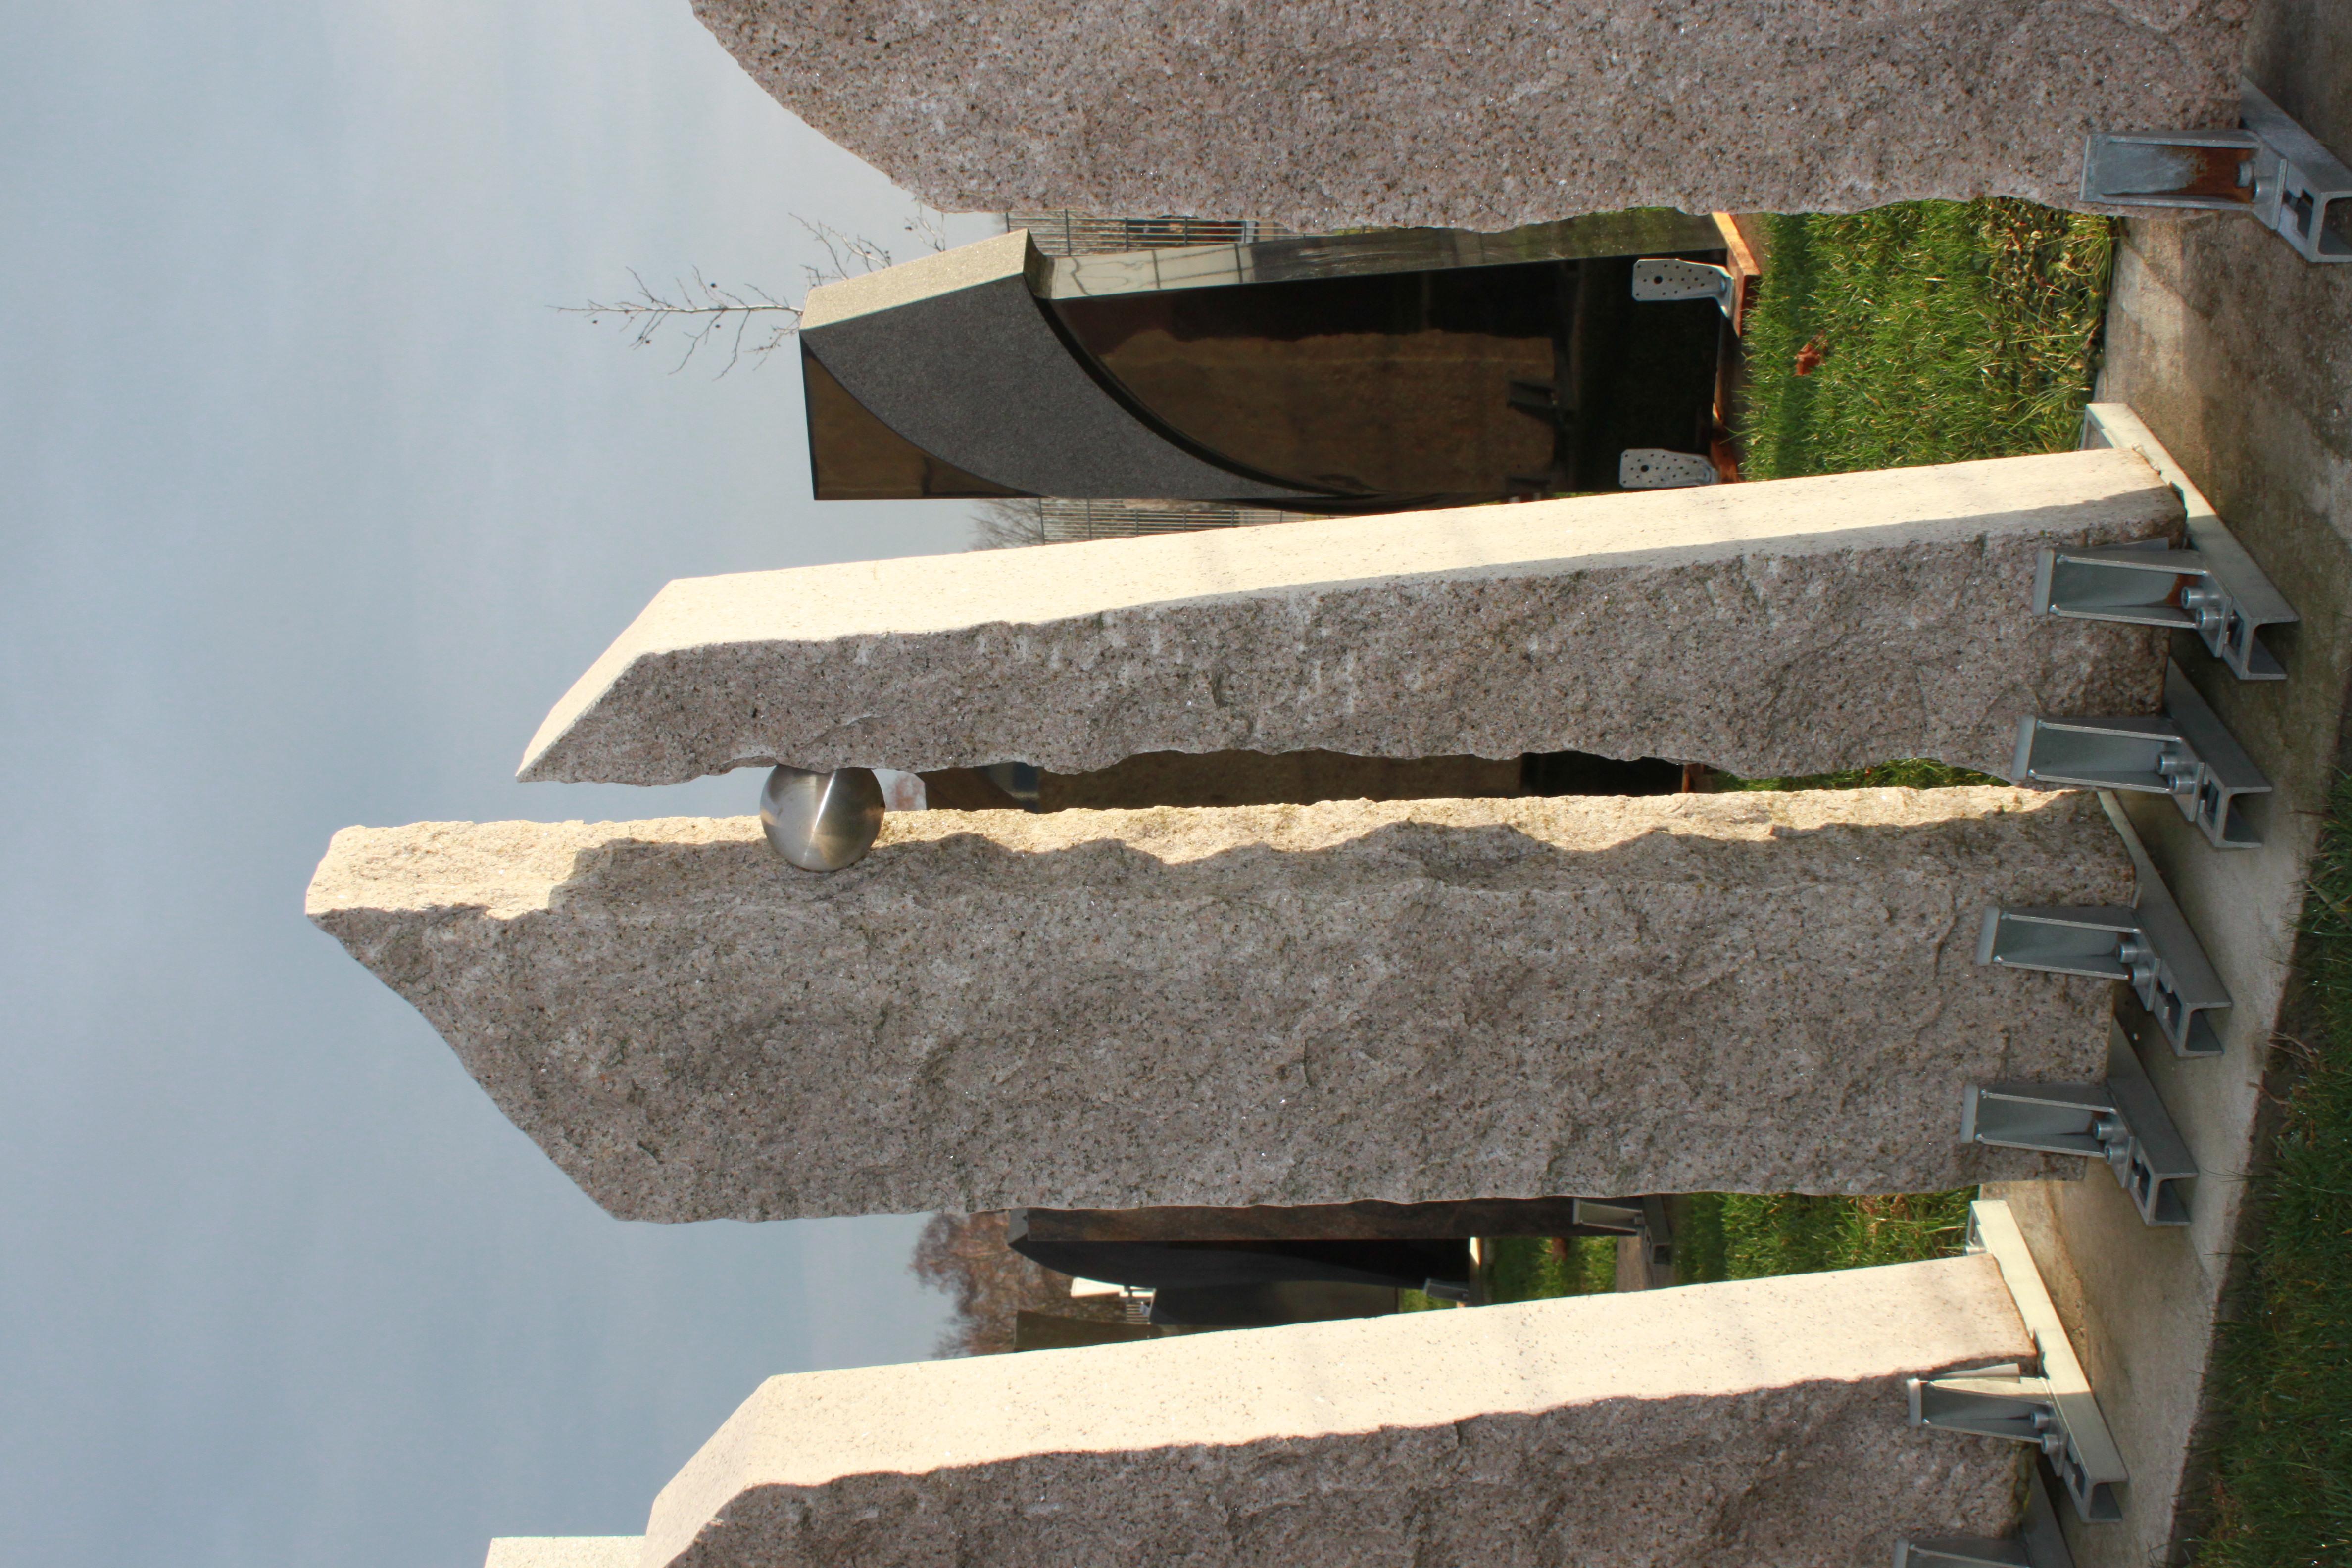 doppelgrabstein billig kalkstein modern groß günstig